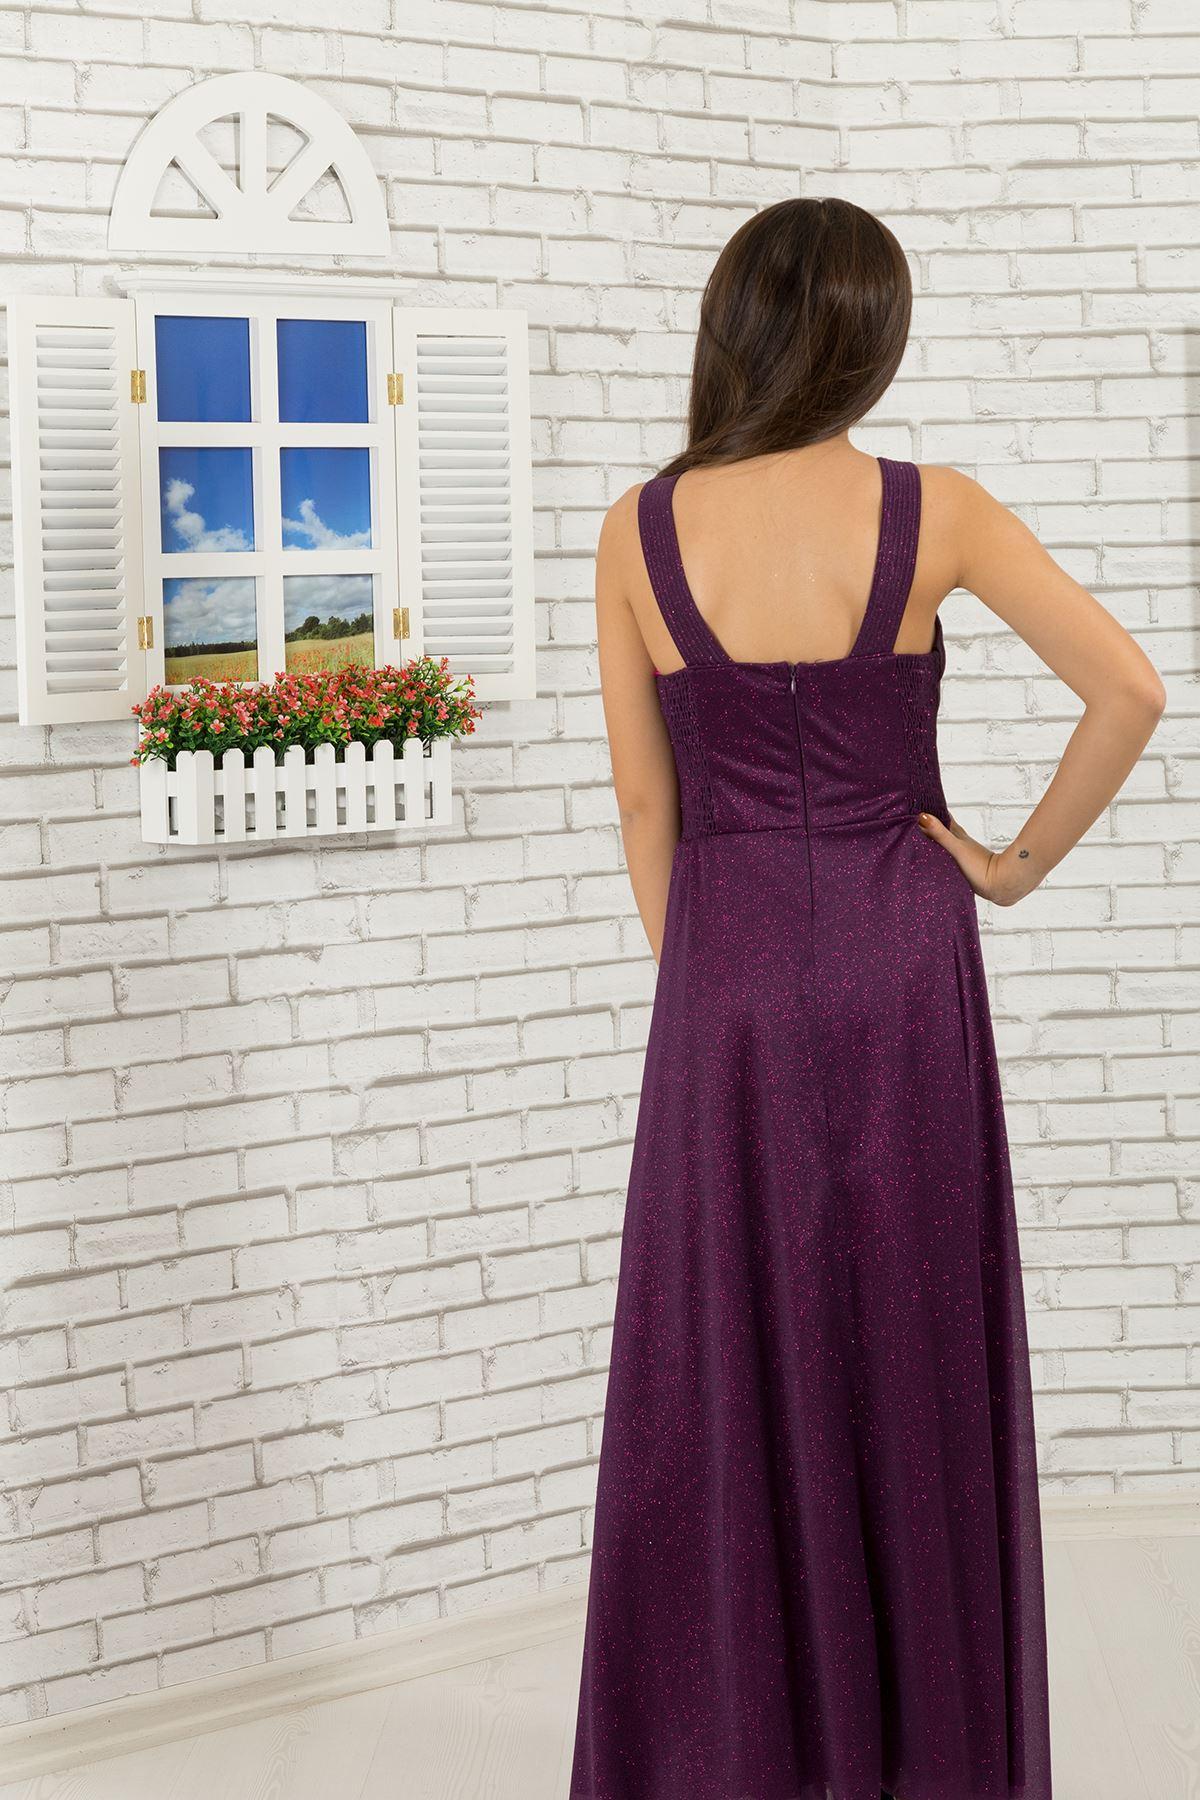 Bel ve boyun detaylı, simli şifon Kız Çocuk Abiye Elbise 472 Mor